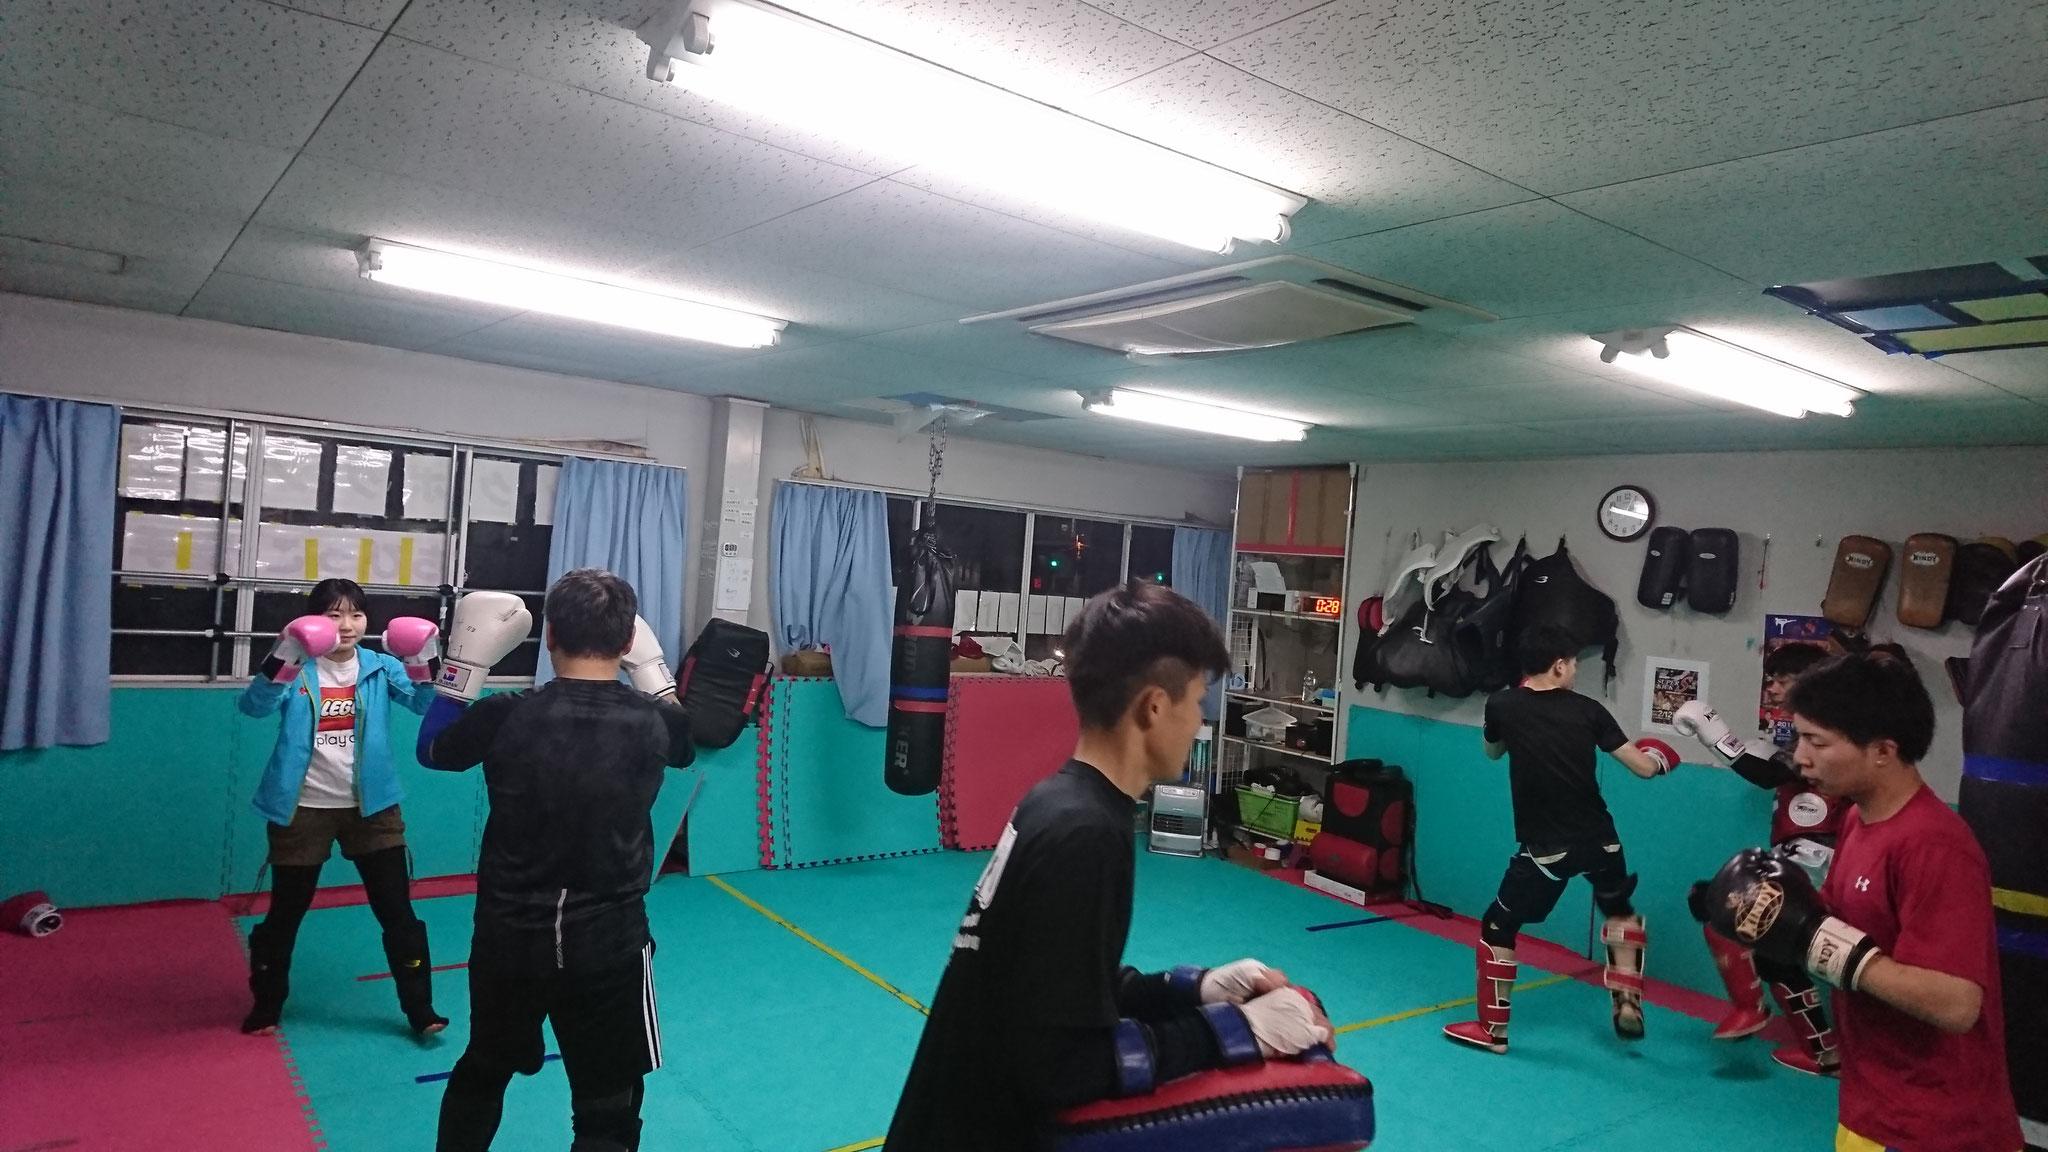 キックボクシング選手練習